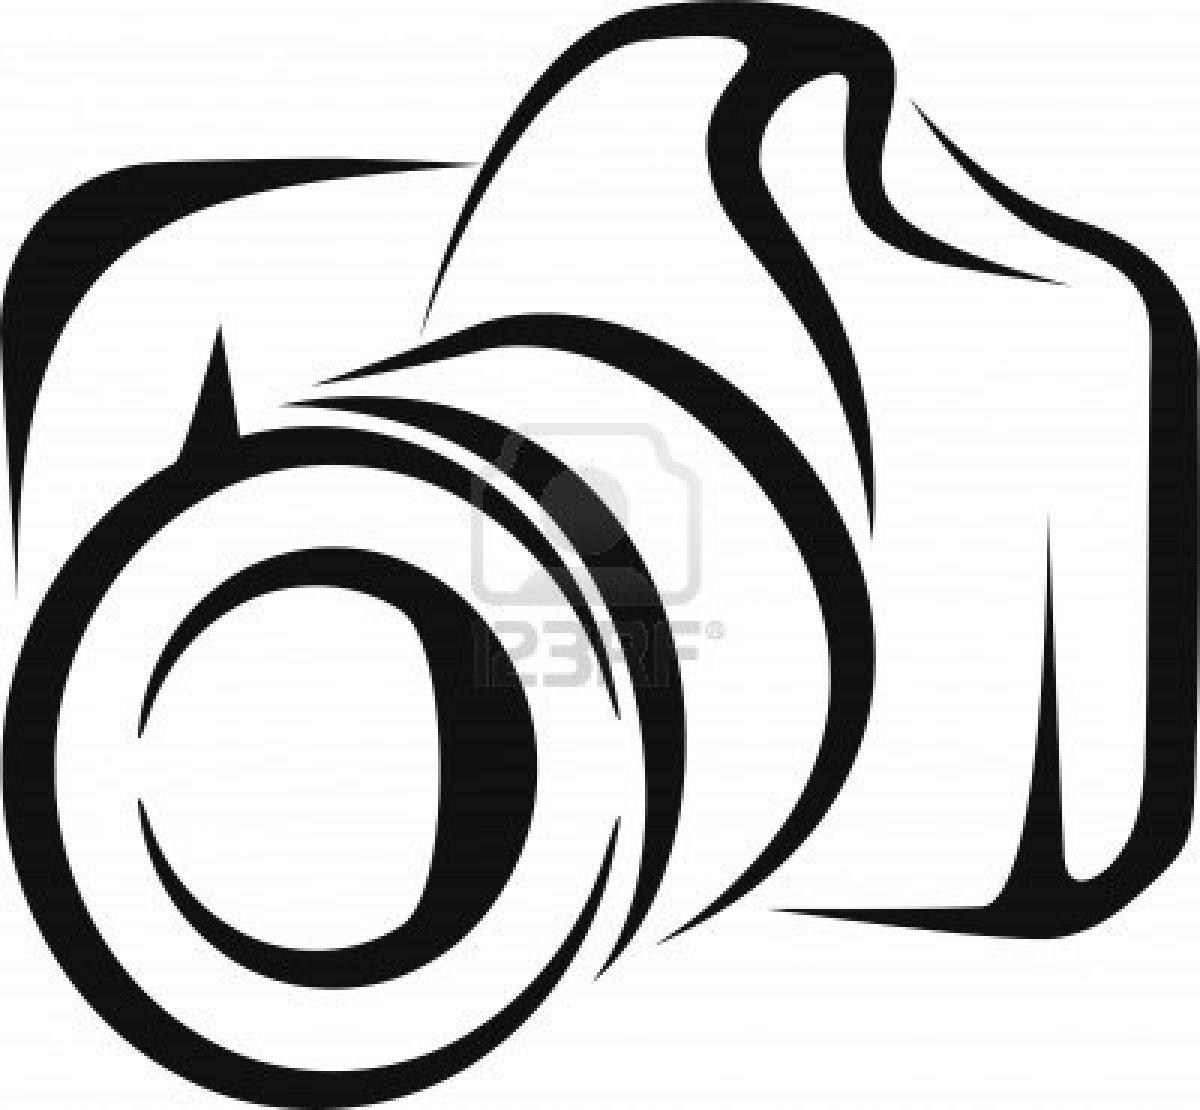 1200x1110 Camera Clip Art